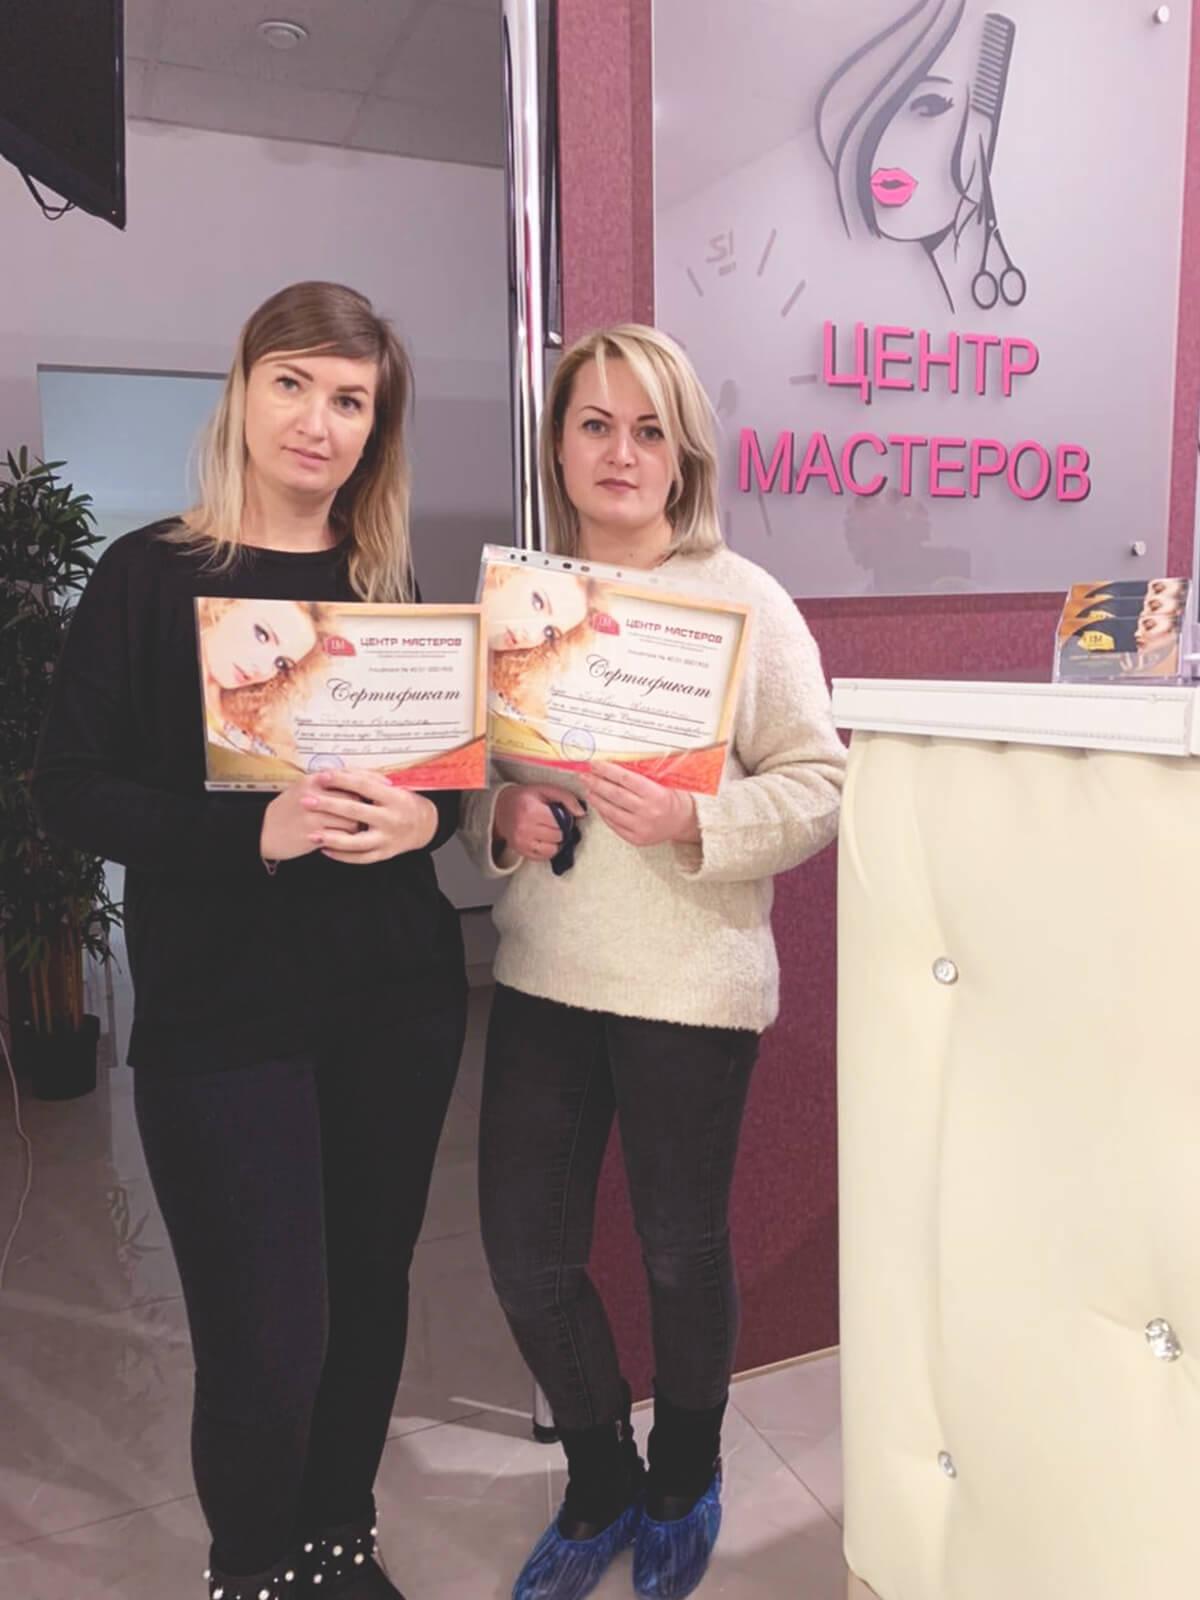 Центр Мастеров в Обнинске